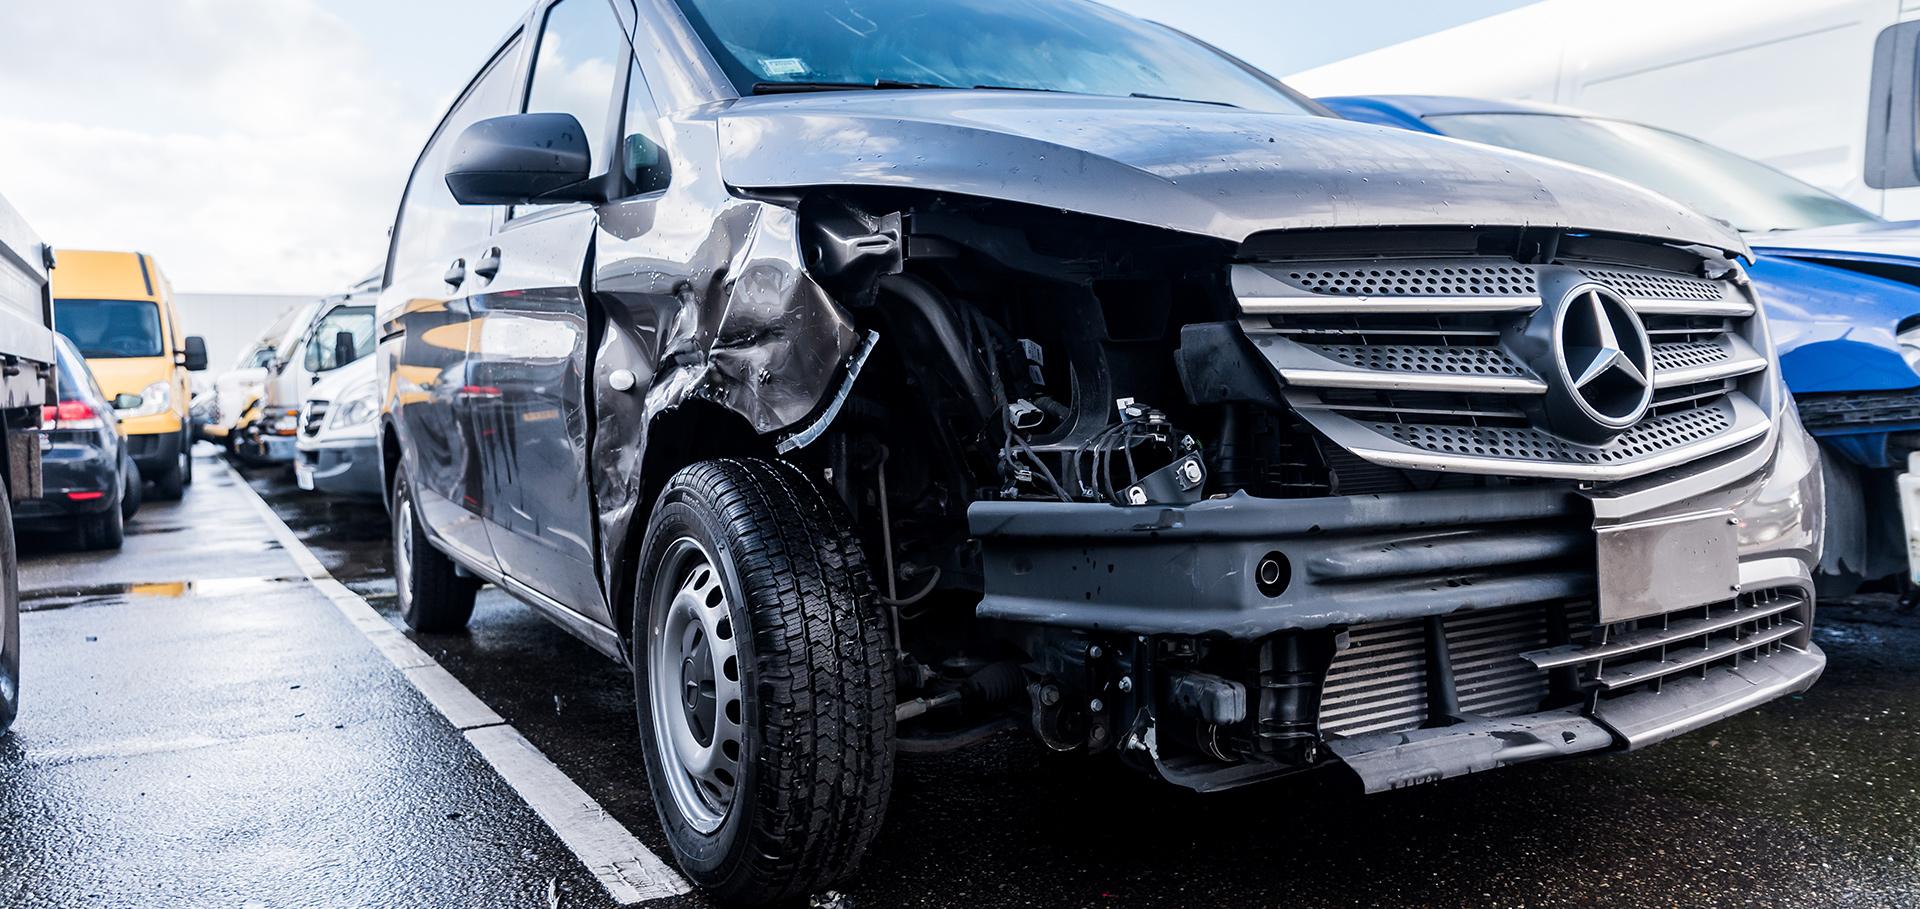 Schadeherstel Auto Rens